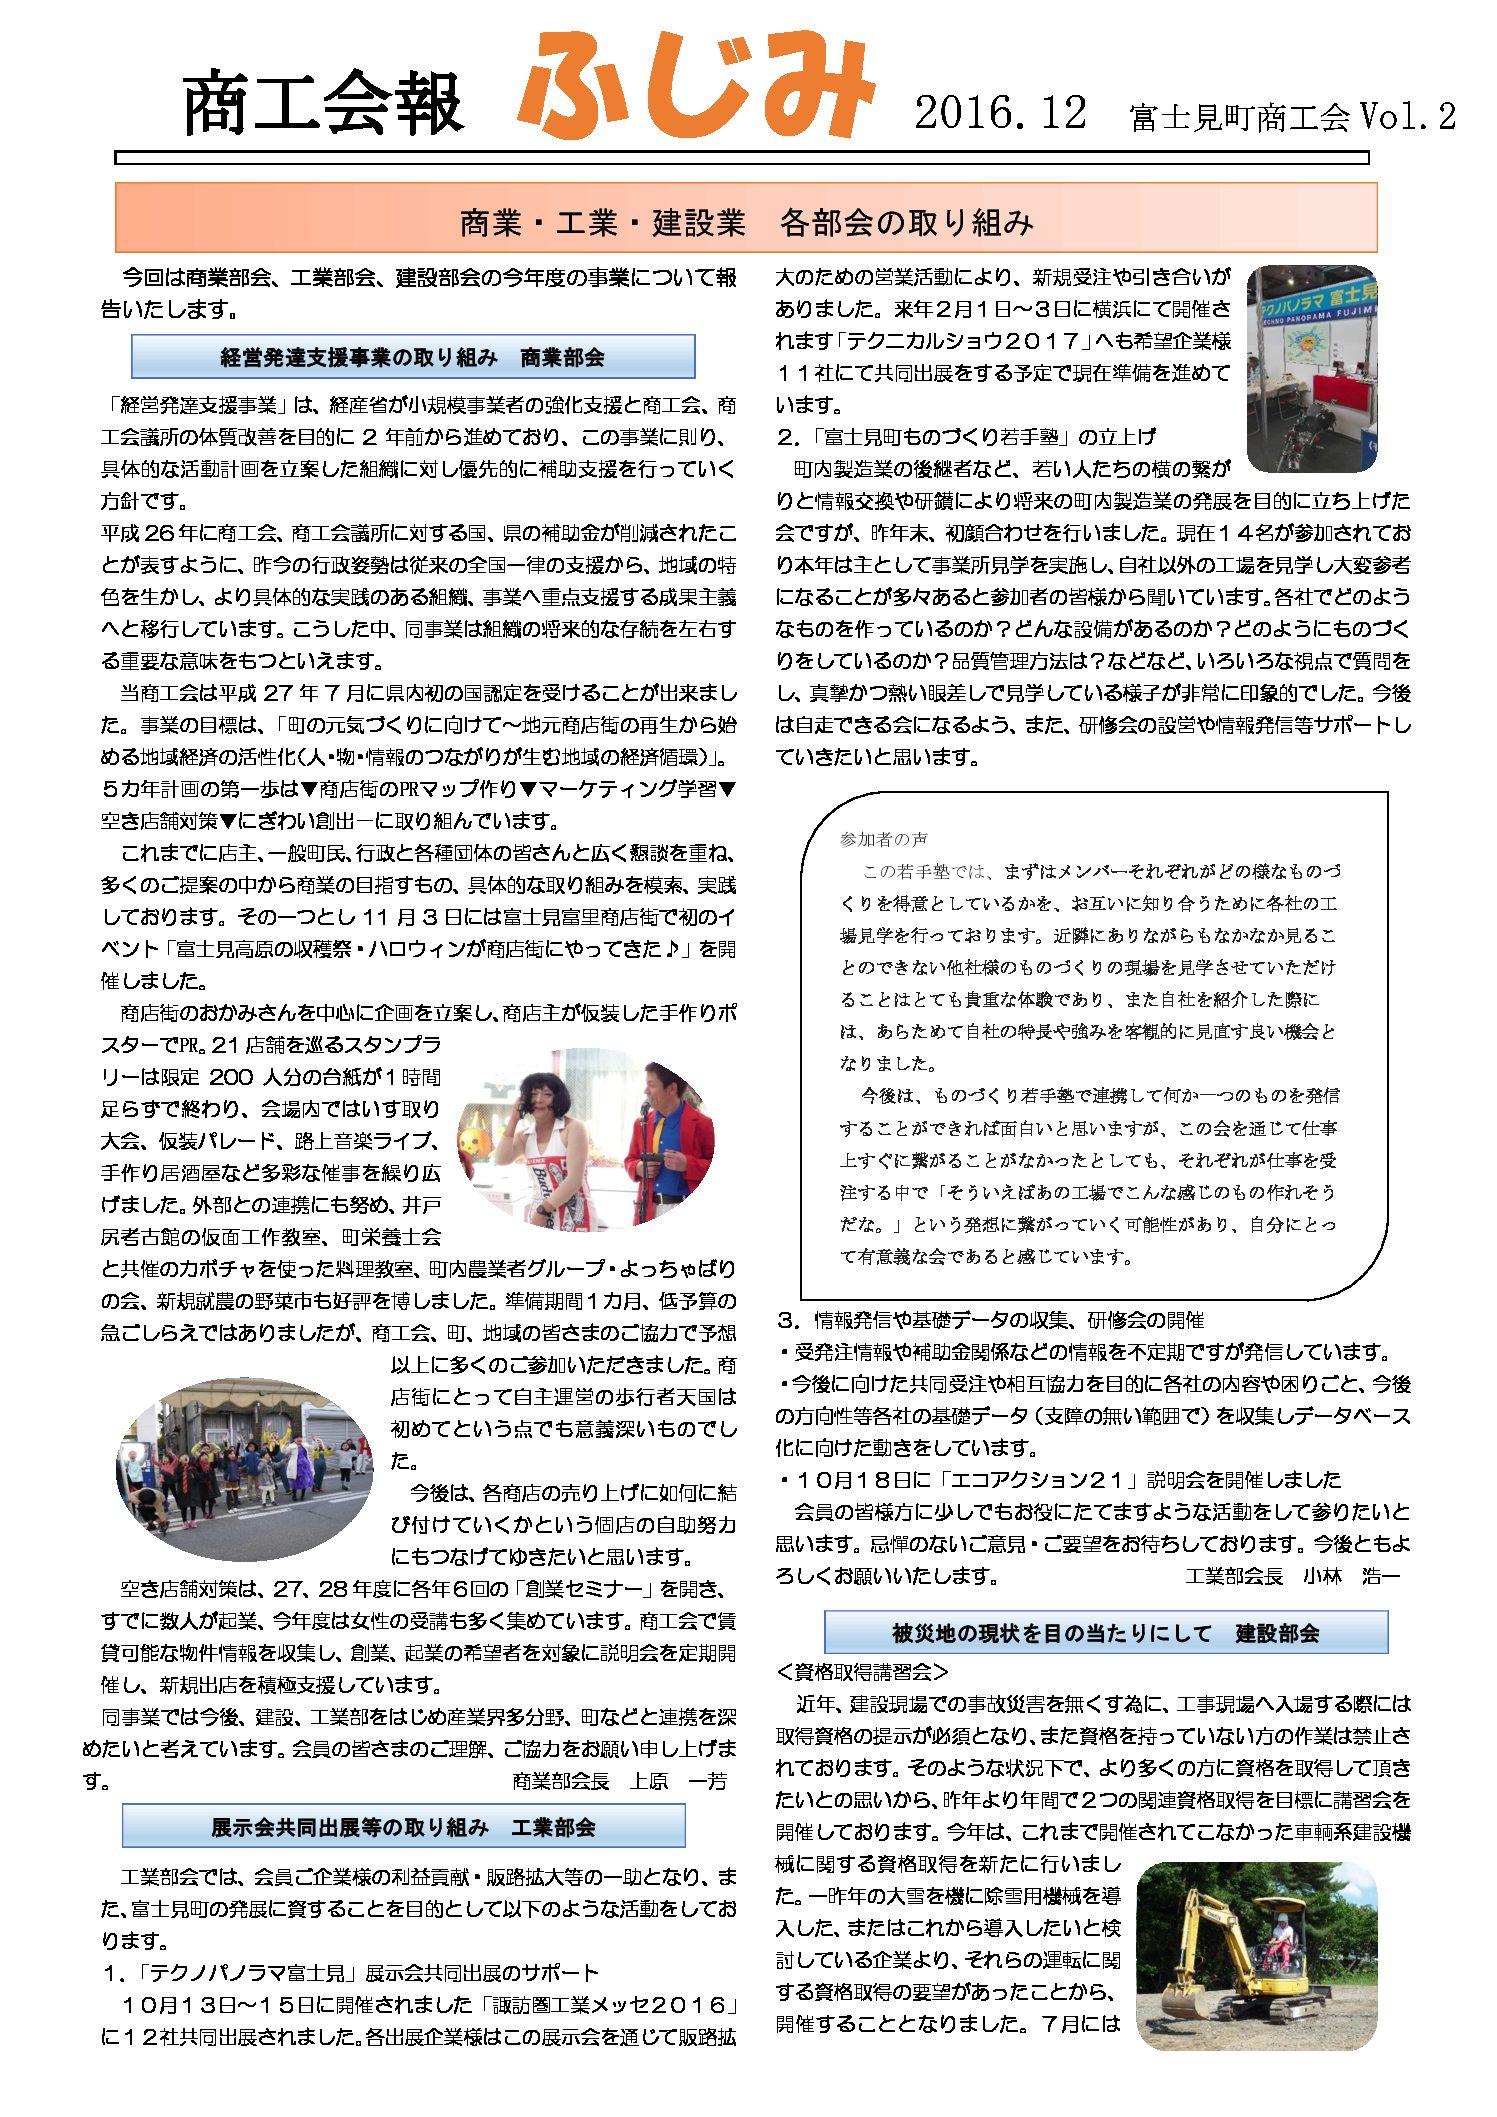 商工会報 vol.2